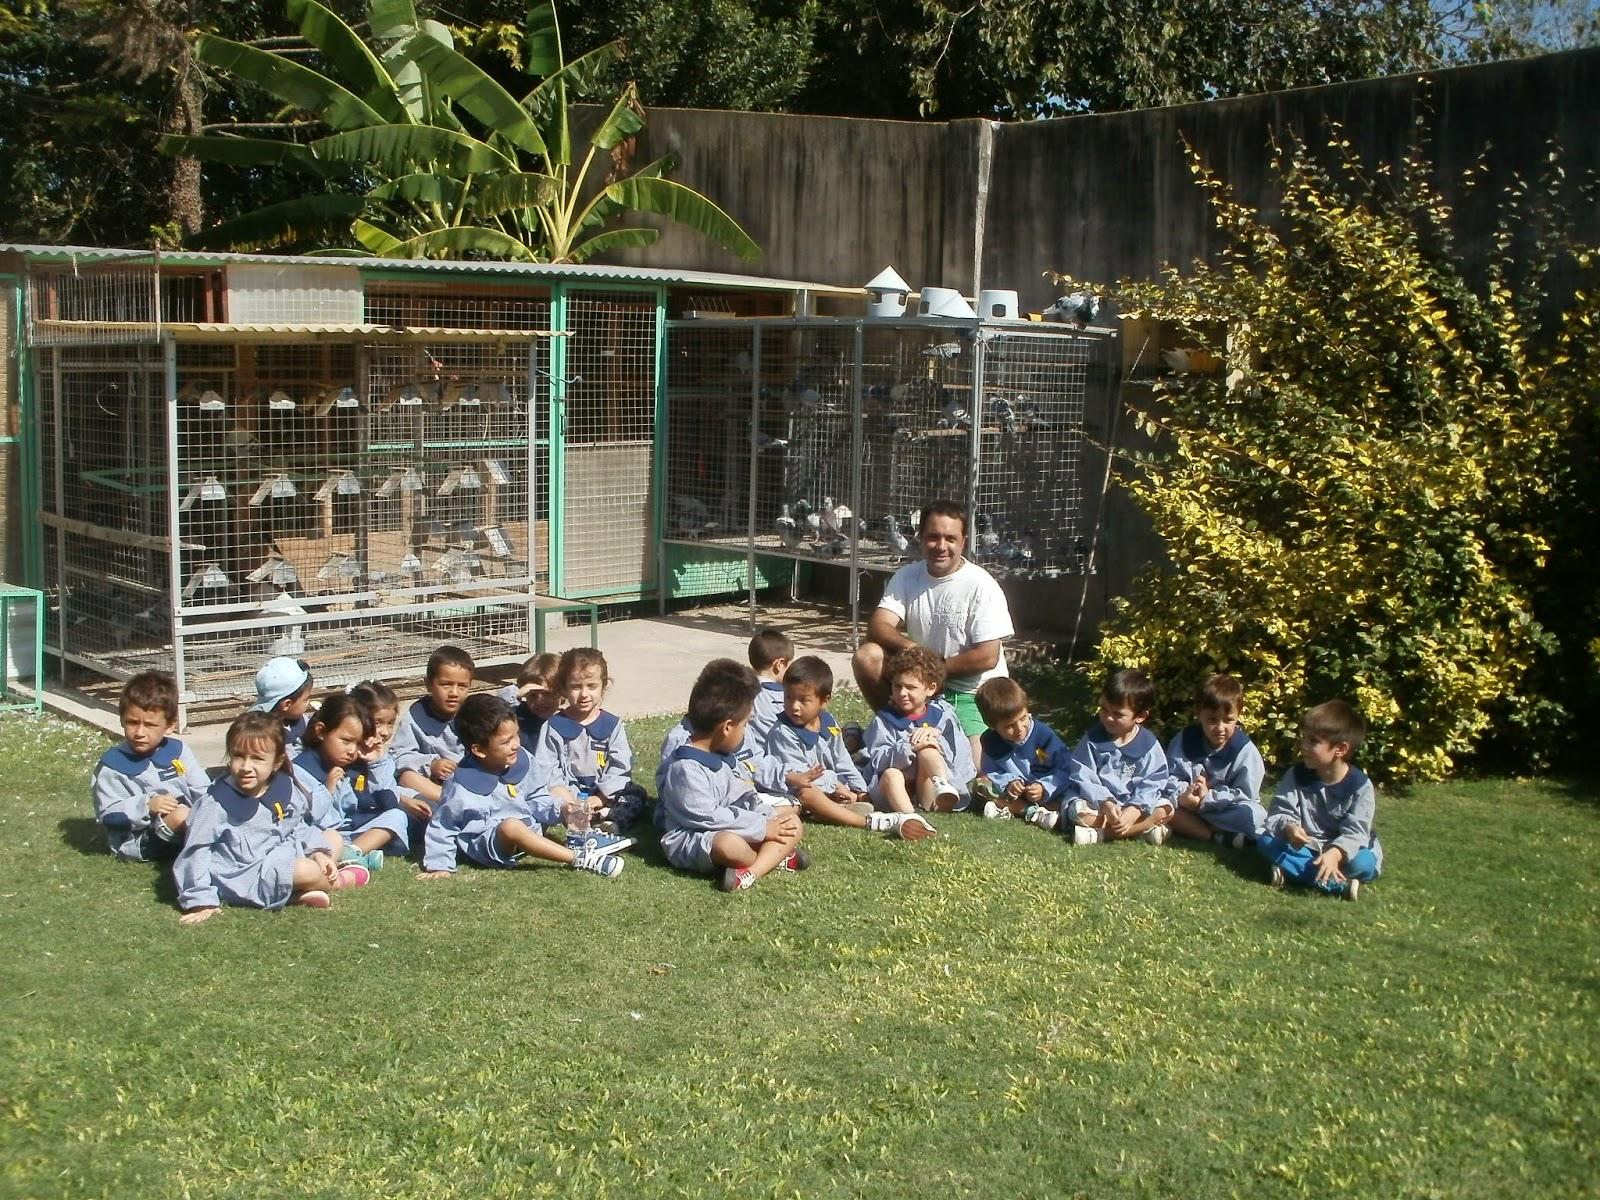 Jard n de infantes n 901 tambor de tacuar san antonio for Jardin de infantes 2015